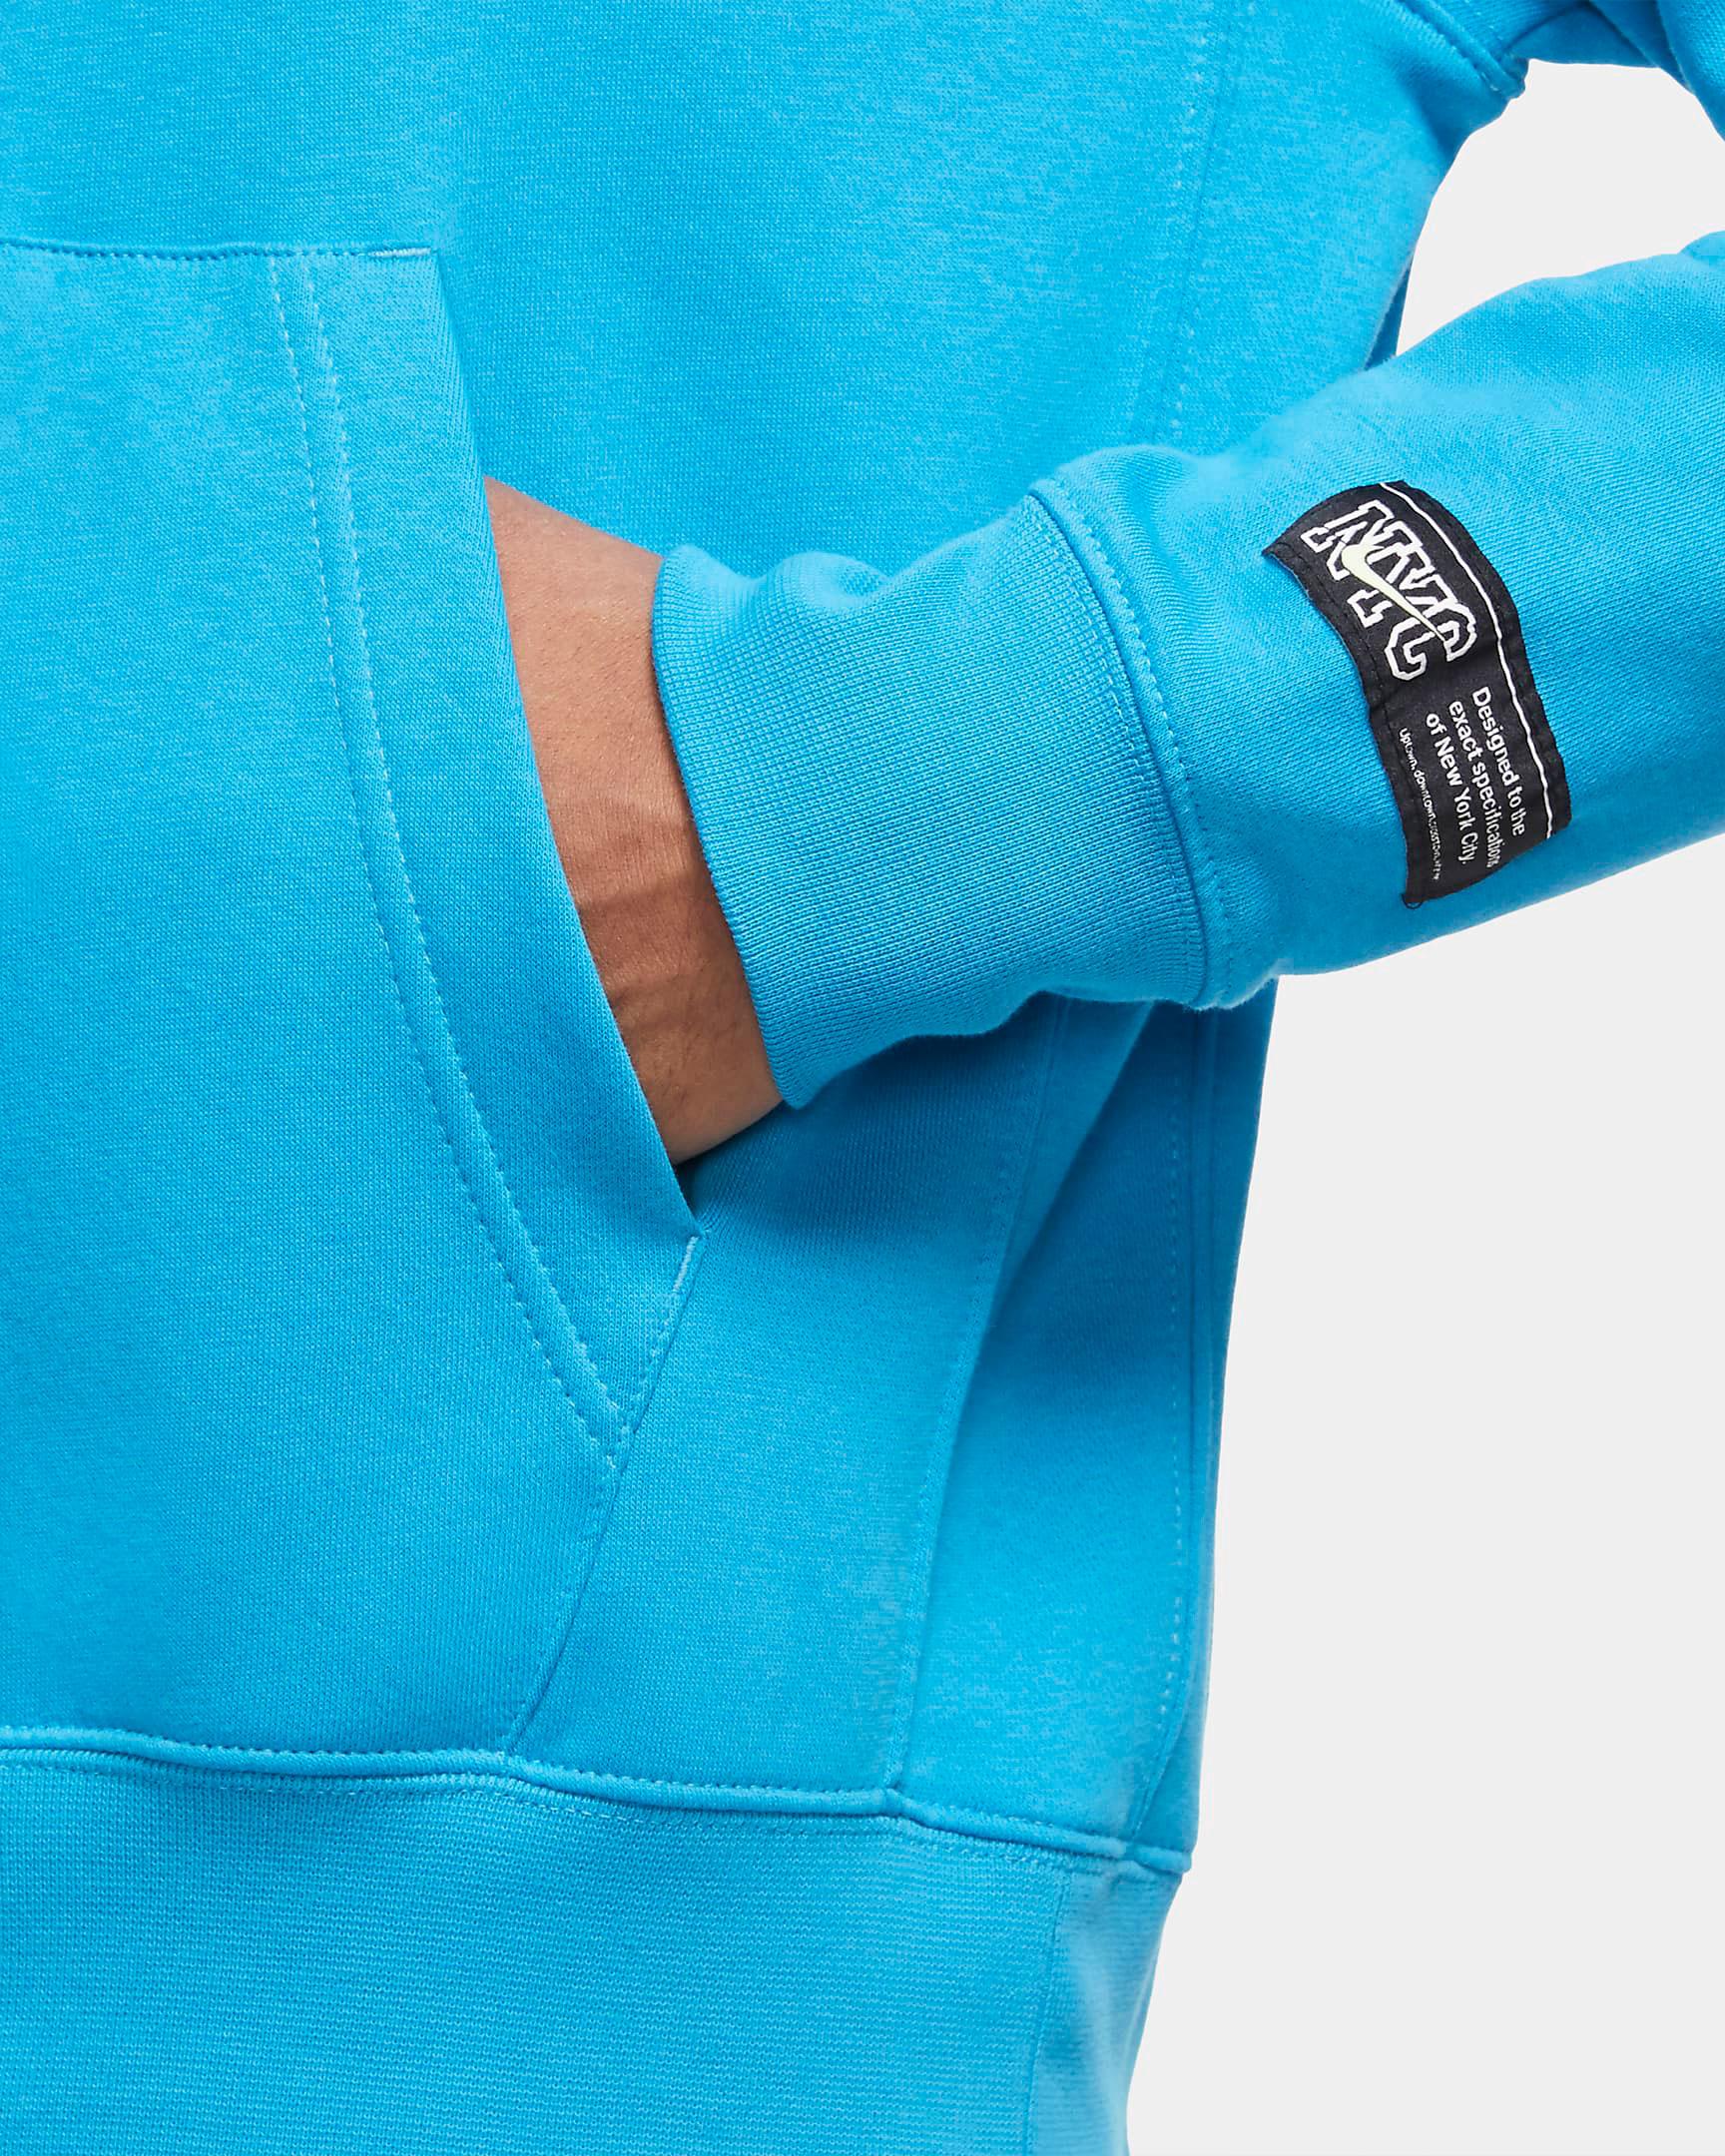 nike-air-max-90-laser-blue-hoodie-2